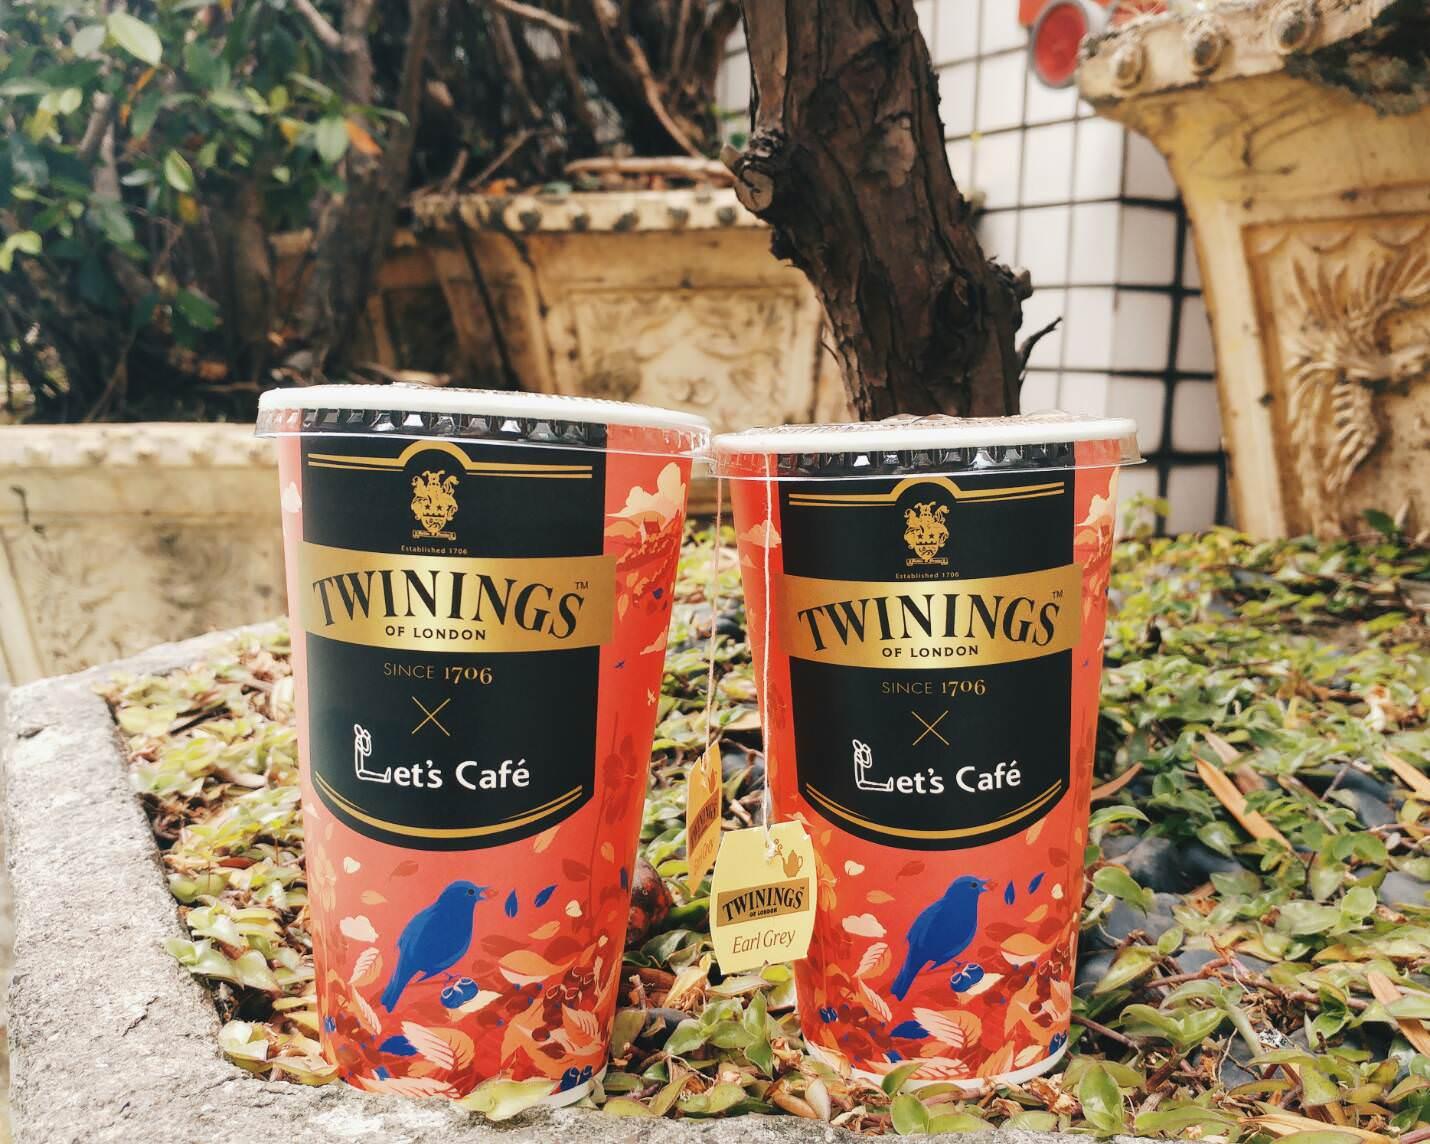 全家x英國唐寧茶TWININGS,現沖茶飲微酸果香/品項價格